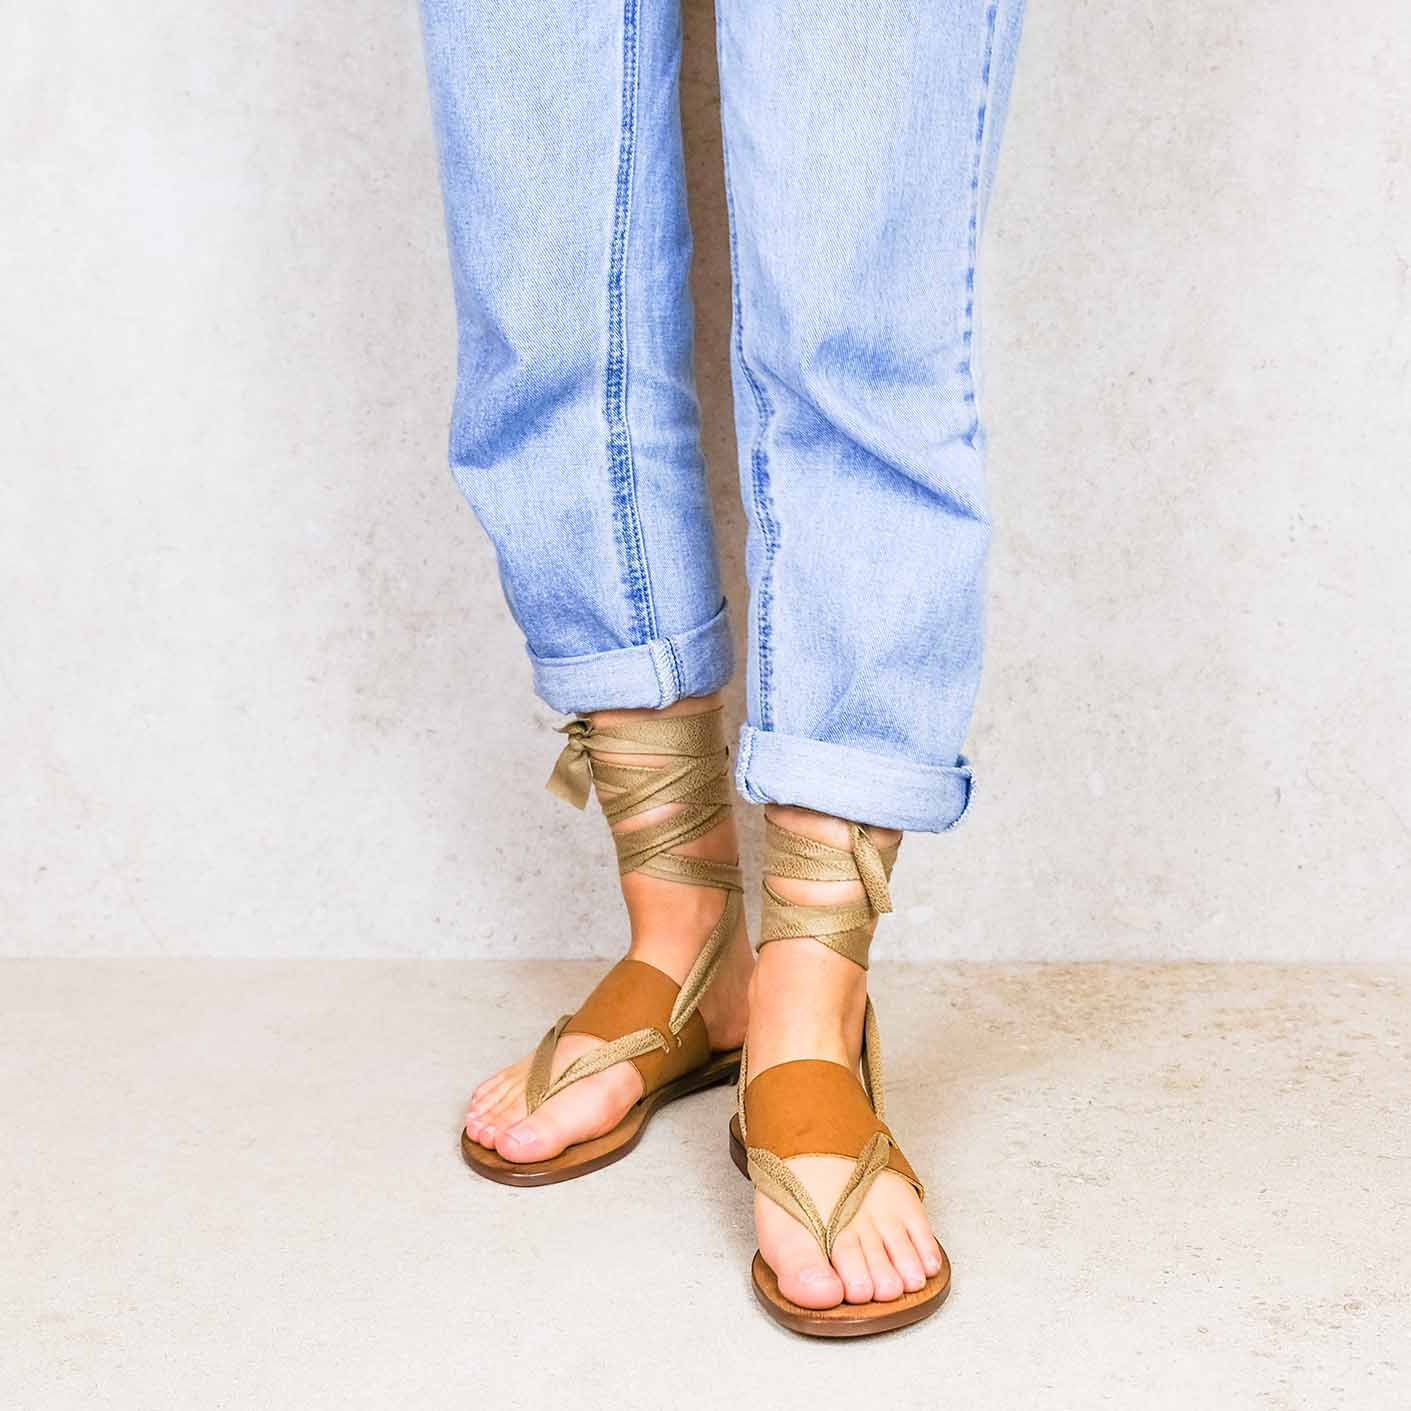 Desert-sand_desert ribbons linten lintsandalen sandals travelsandals vegan sustainable sandals wikkelsandalen